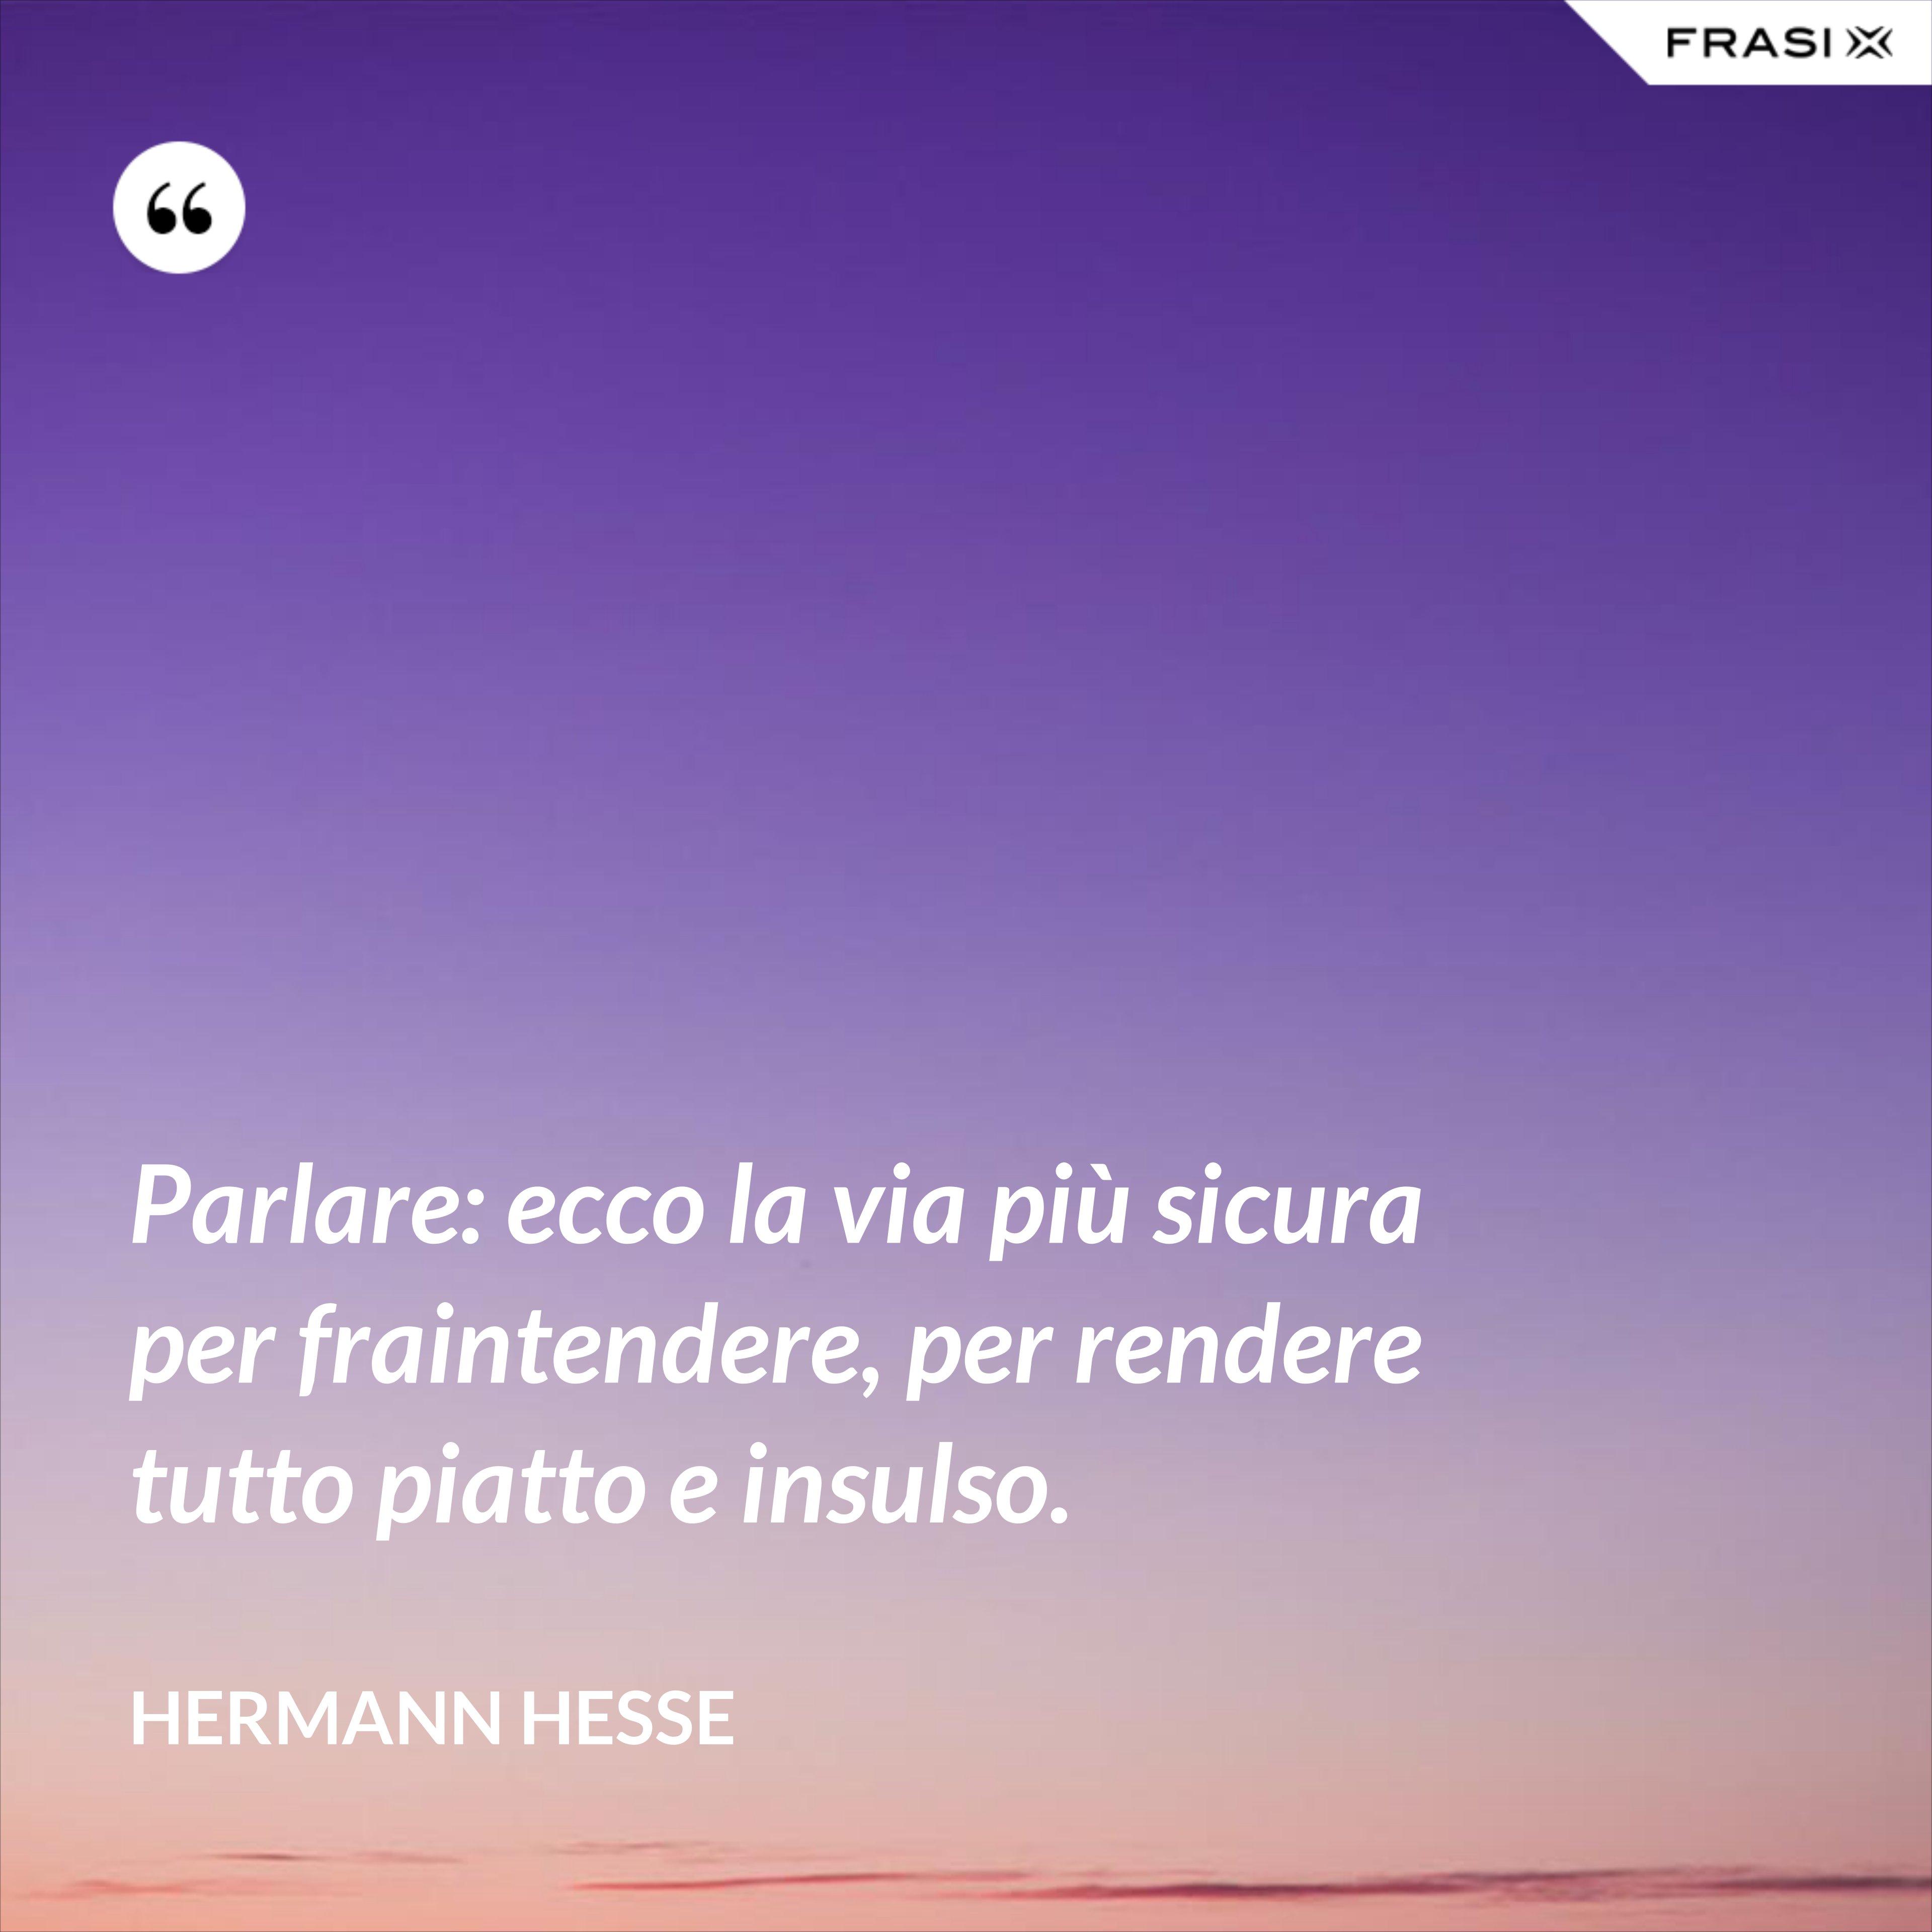 Parlare: ecco la via più sicura per fraintendere, per rendere tutto piatto e insulso. - Hermann Hesse